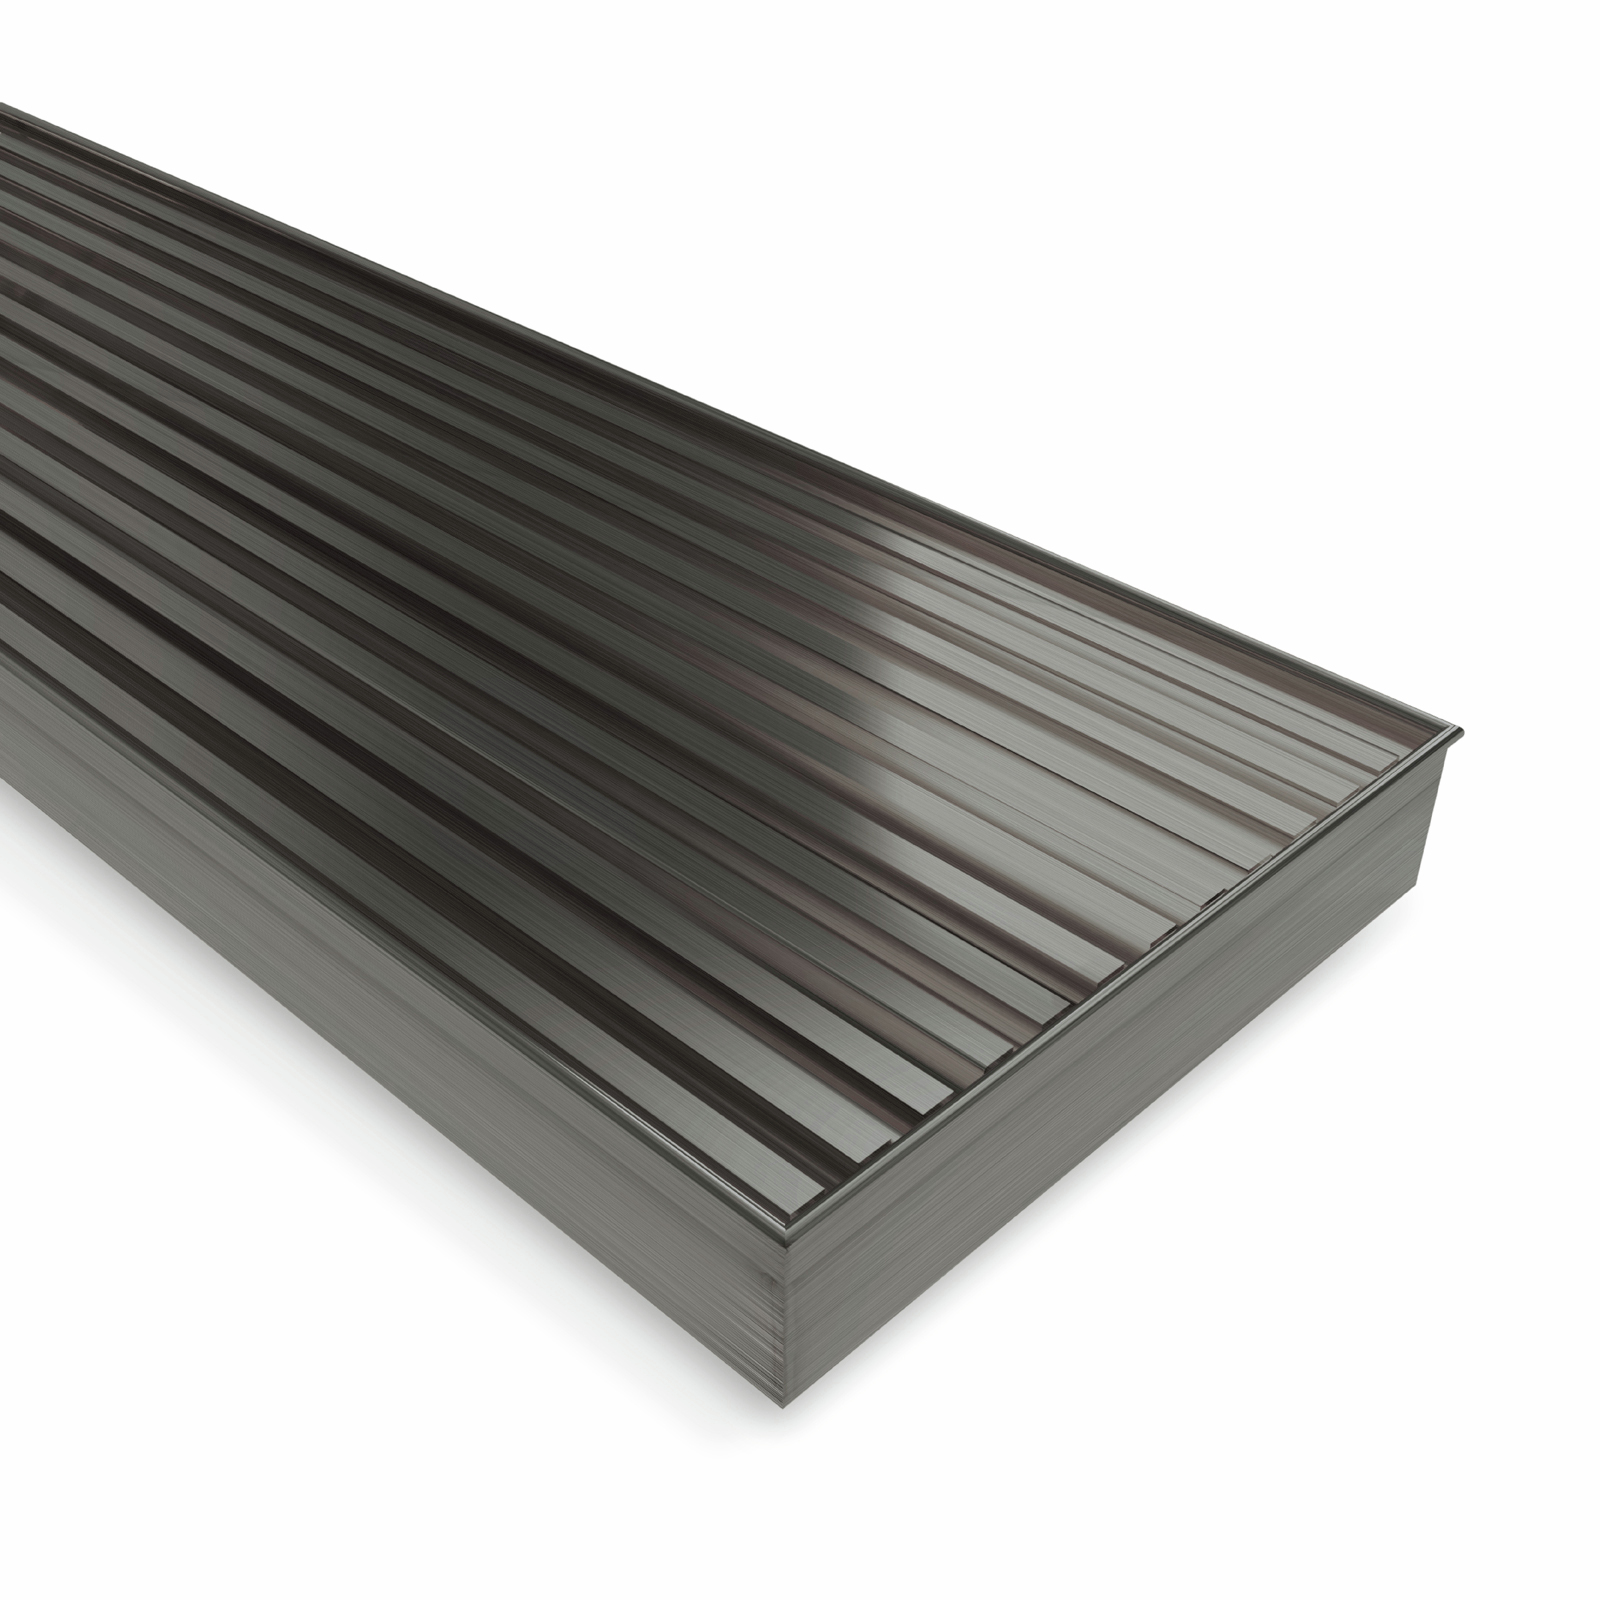 Forme 900 × 100mm Brushed Gun Metal Grey PVD Stainless Steel Mesh  Floor Waste